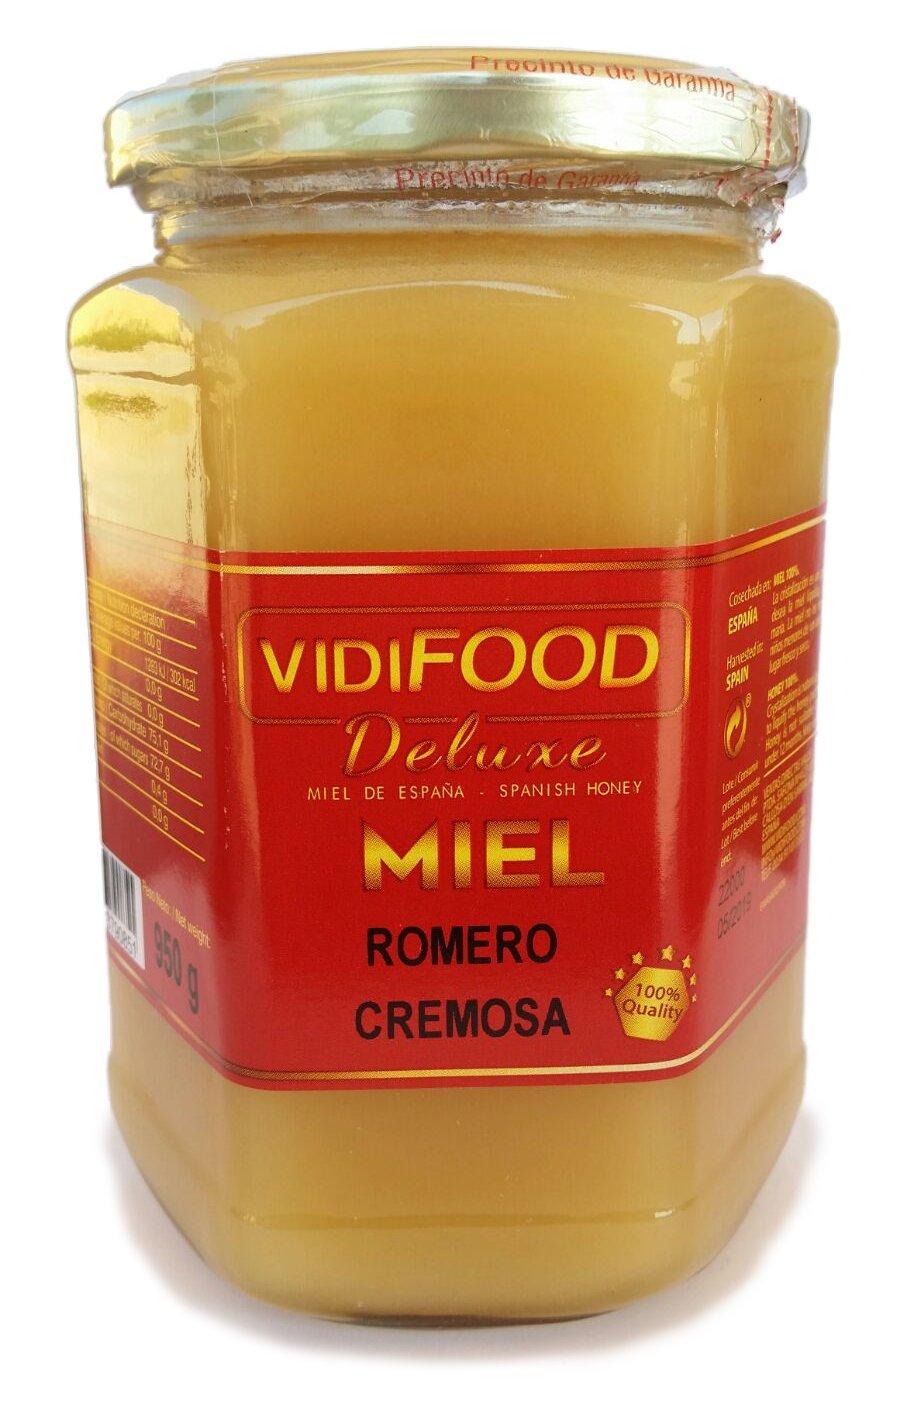 Miel de Romero Crema - 950g - Producida en España: Amazon.es ...